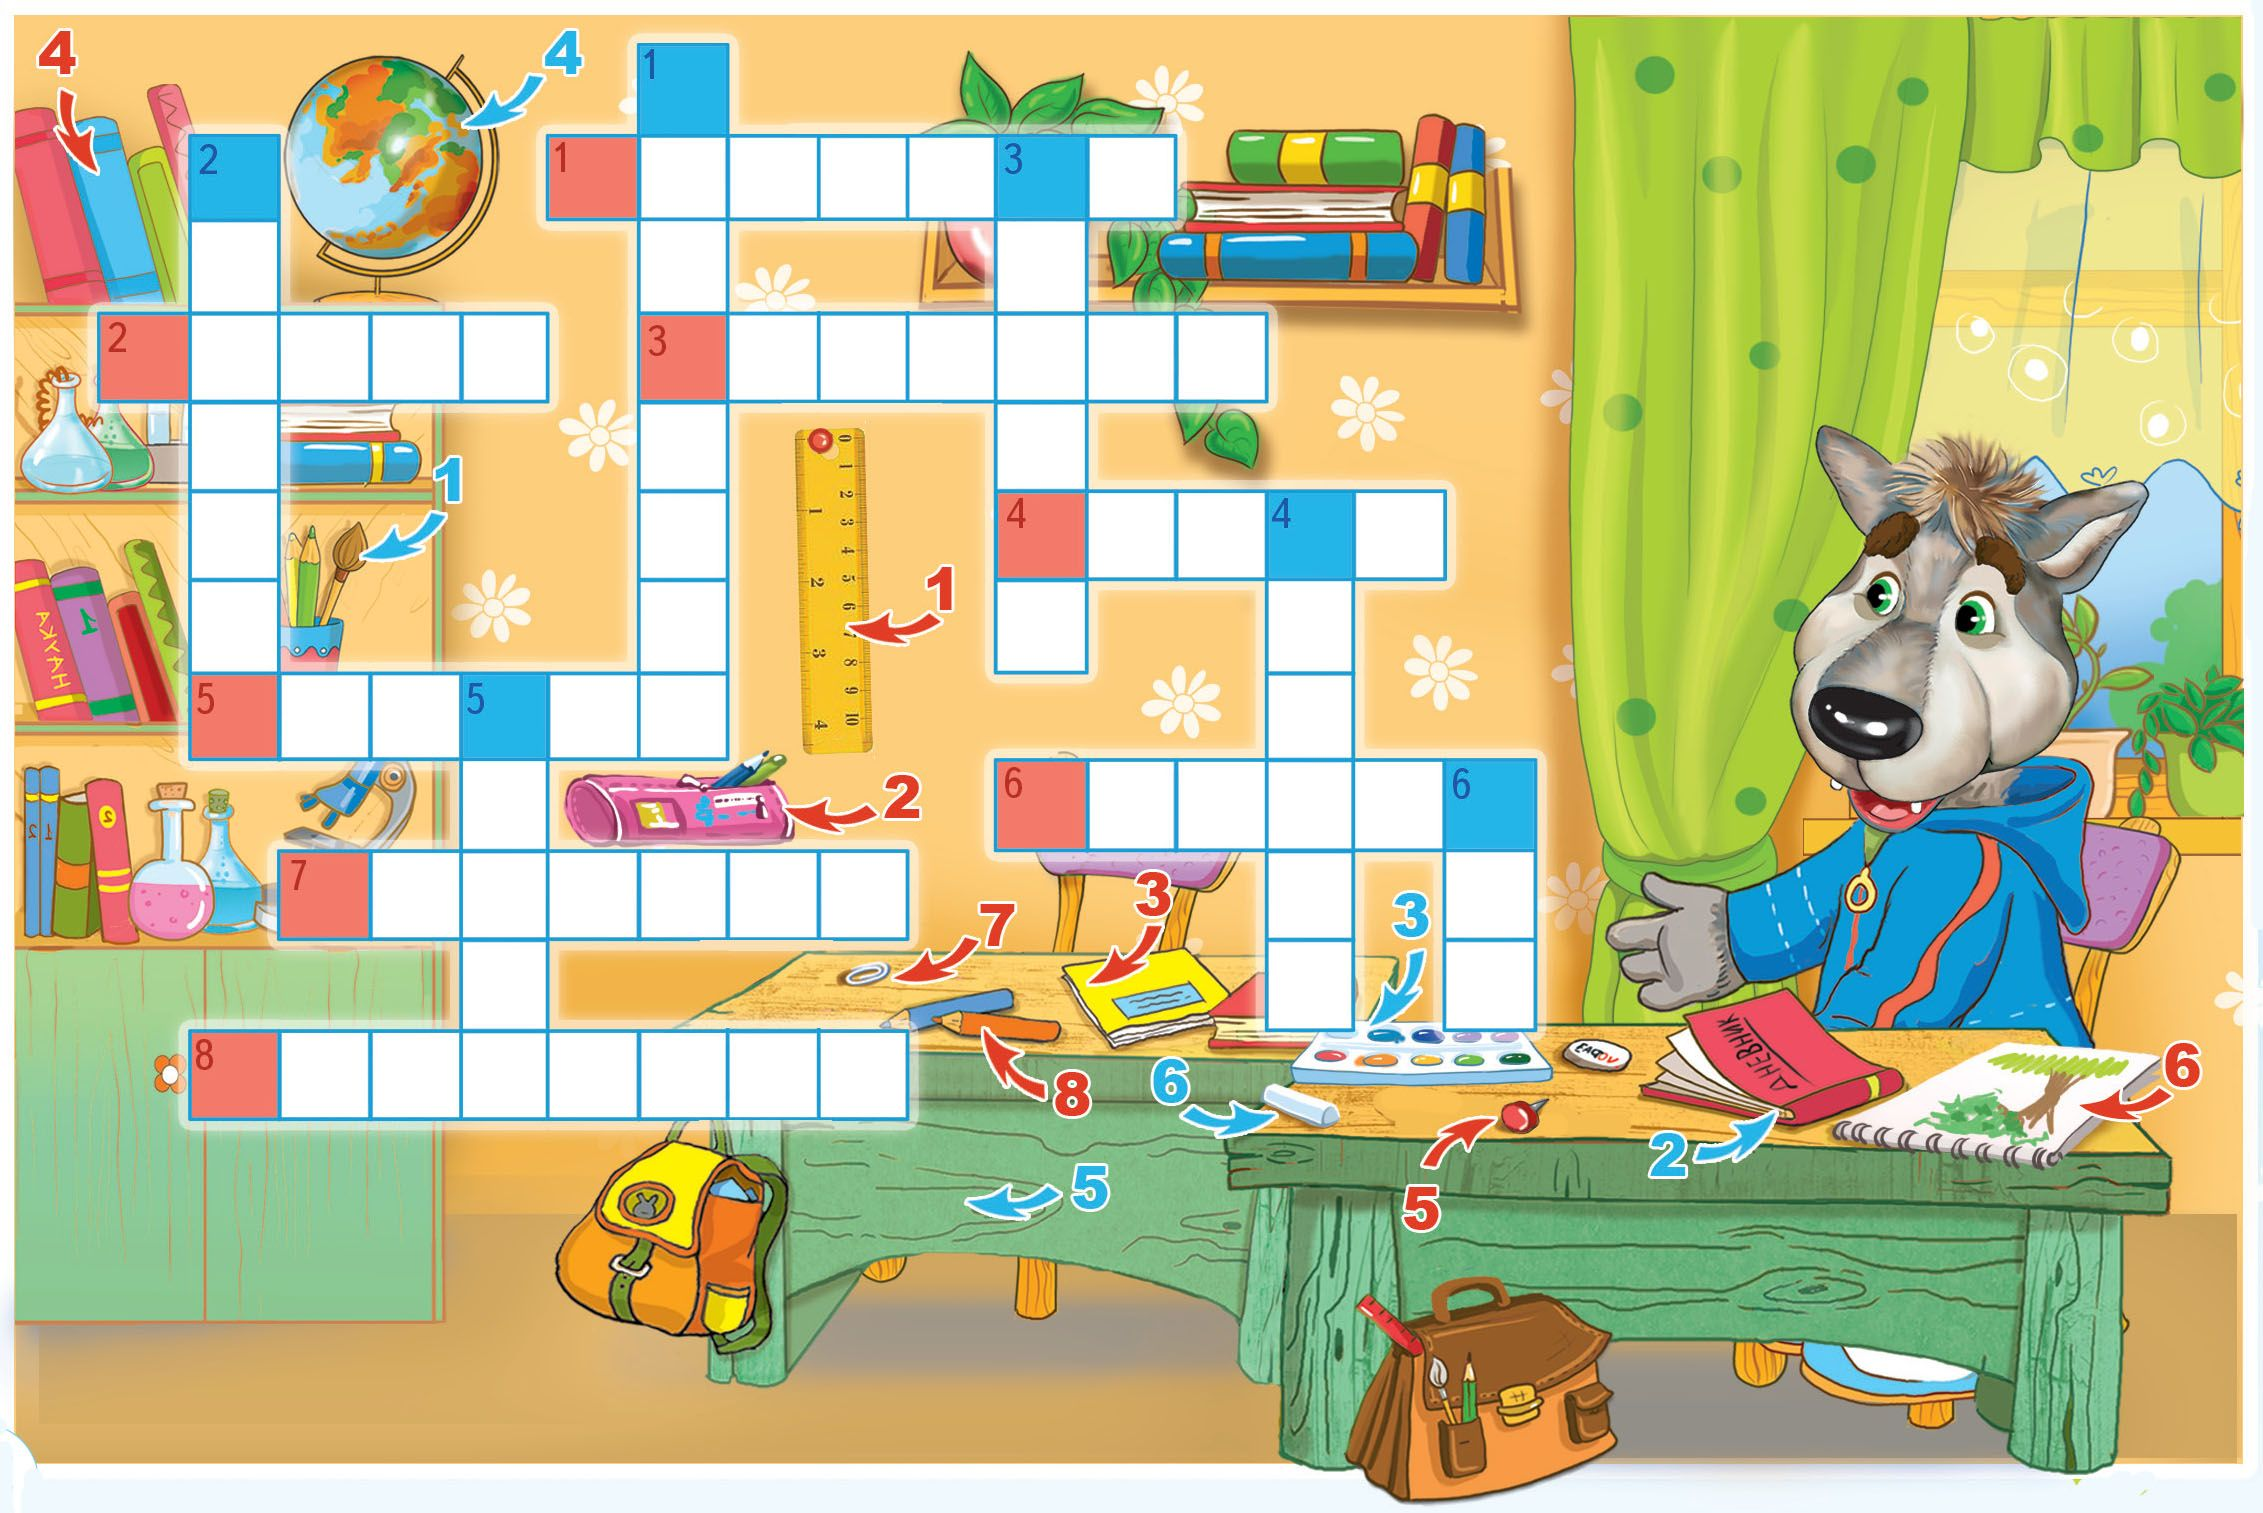 Картинка для, картинки с кроссвордами для детей